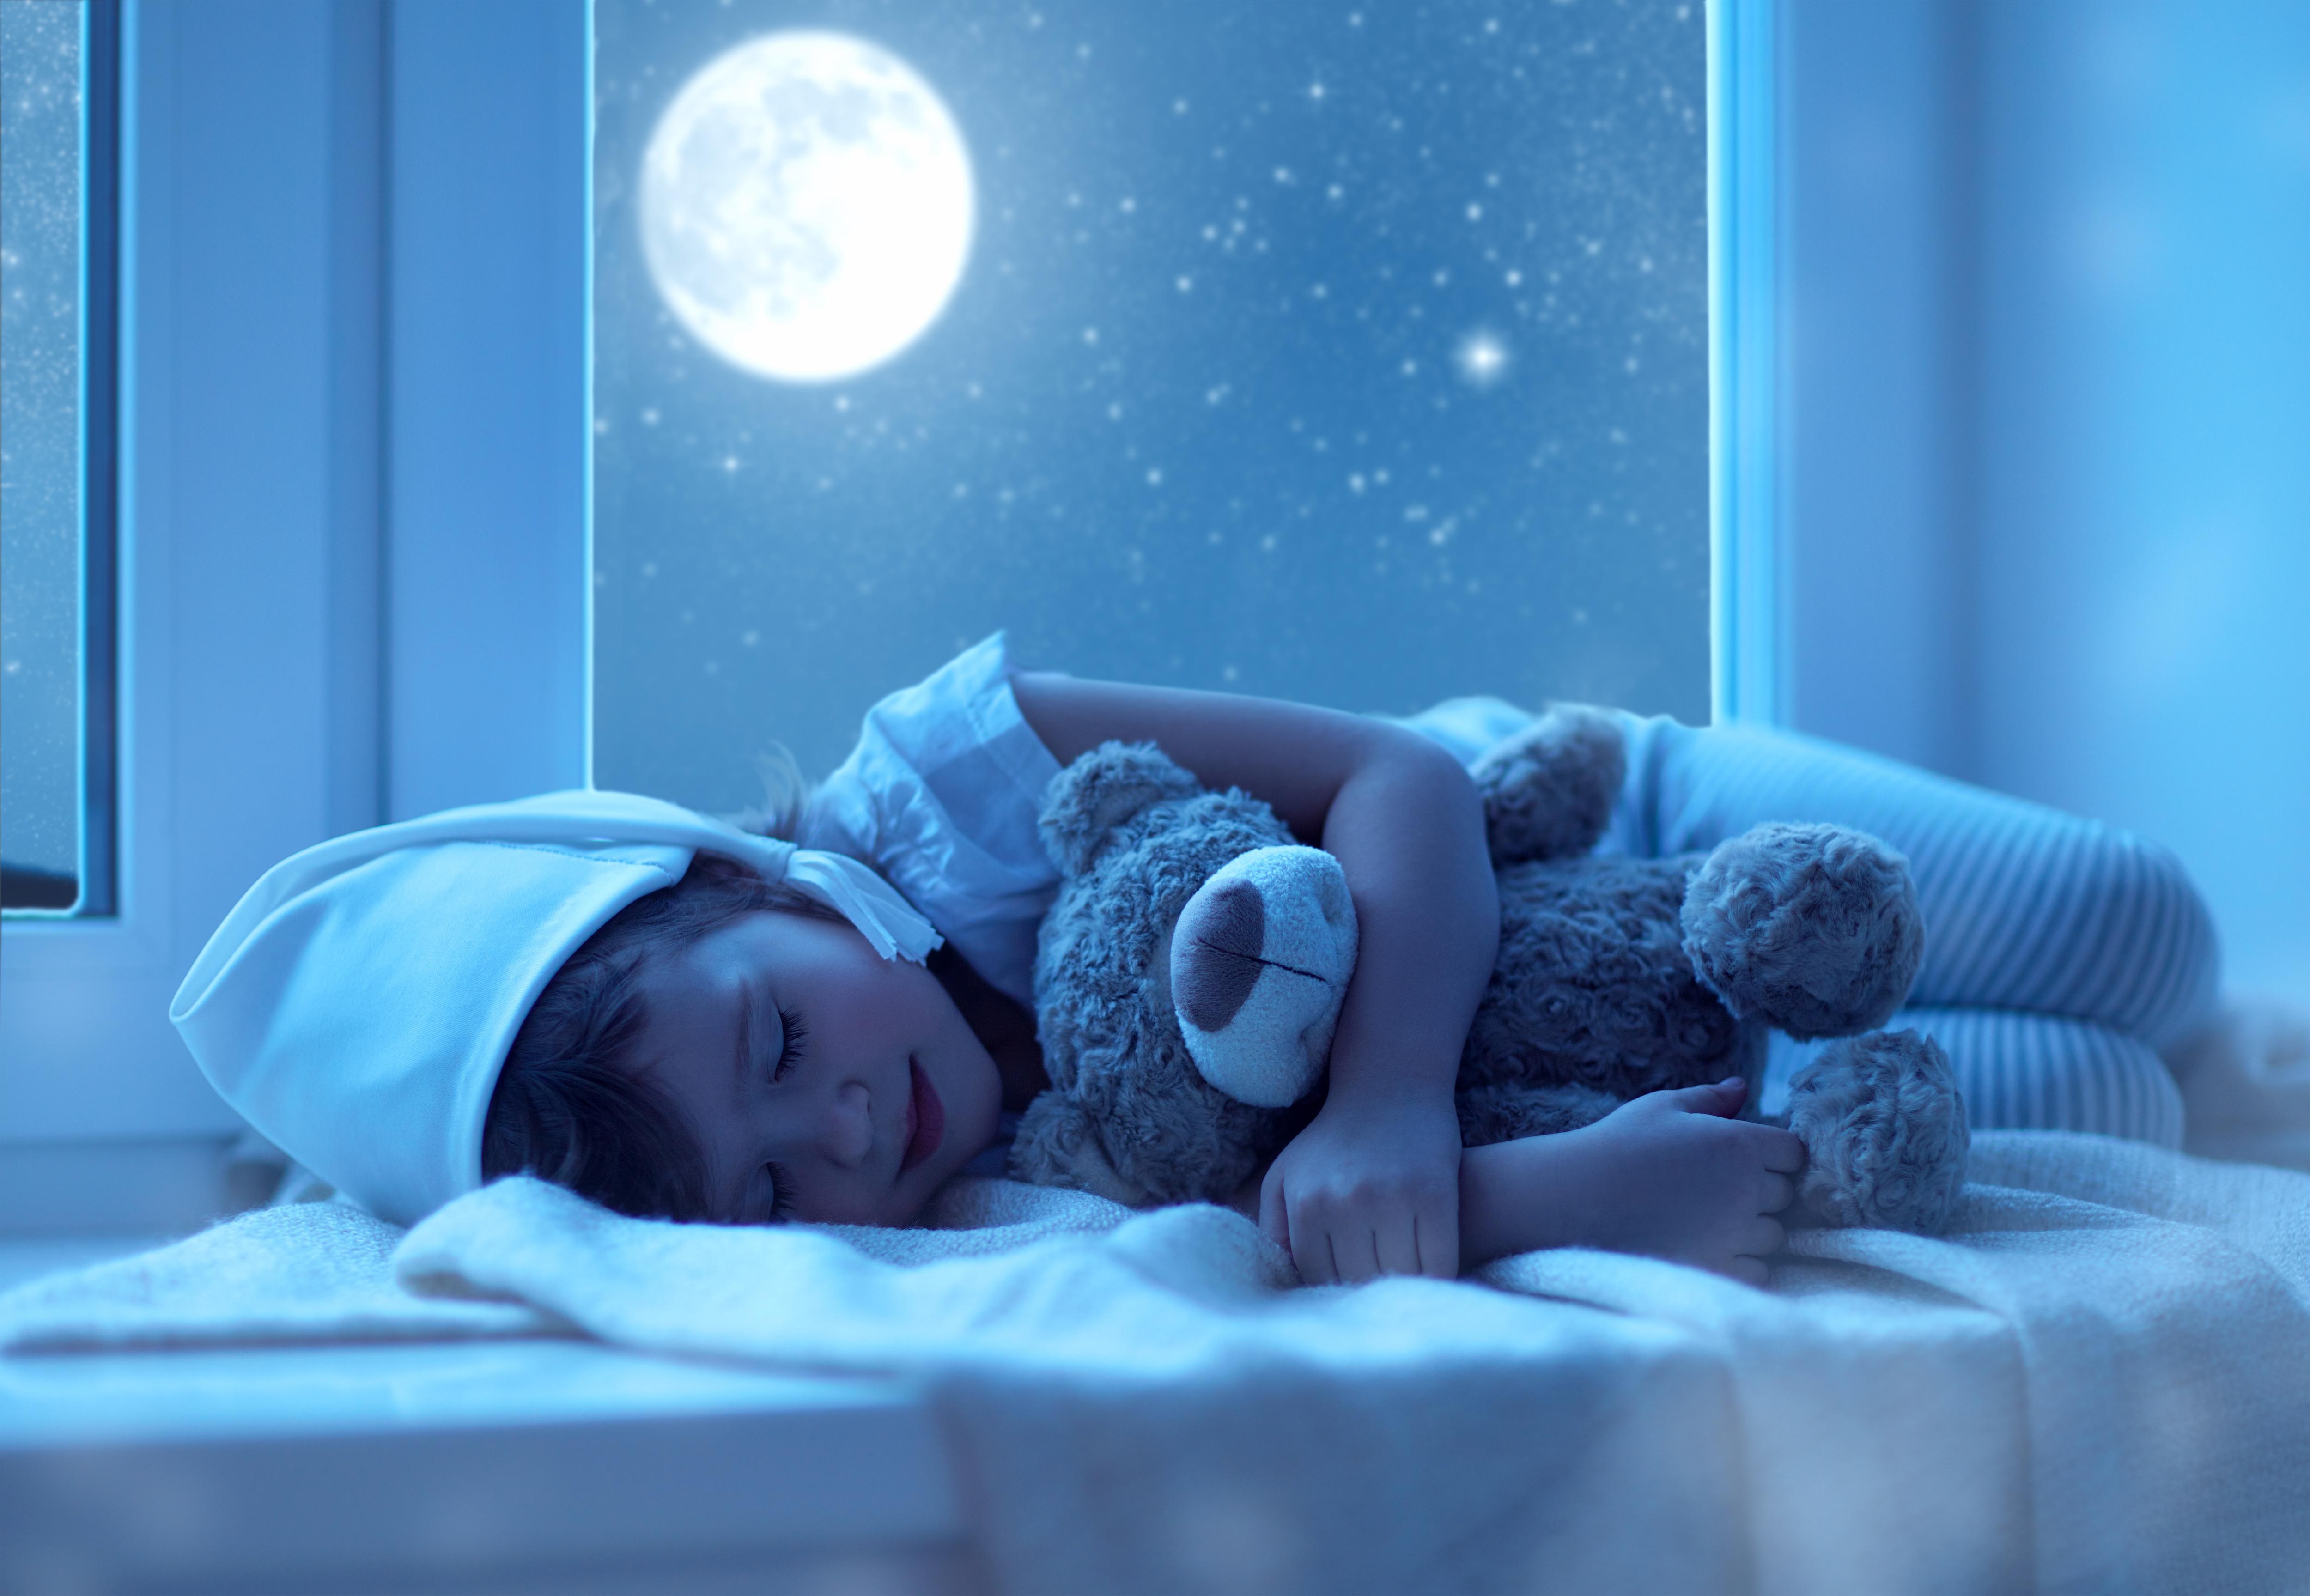 Картинки спокойной ночи маленькие детки